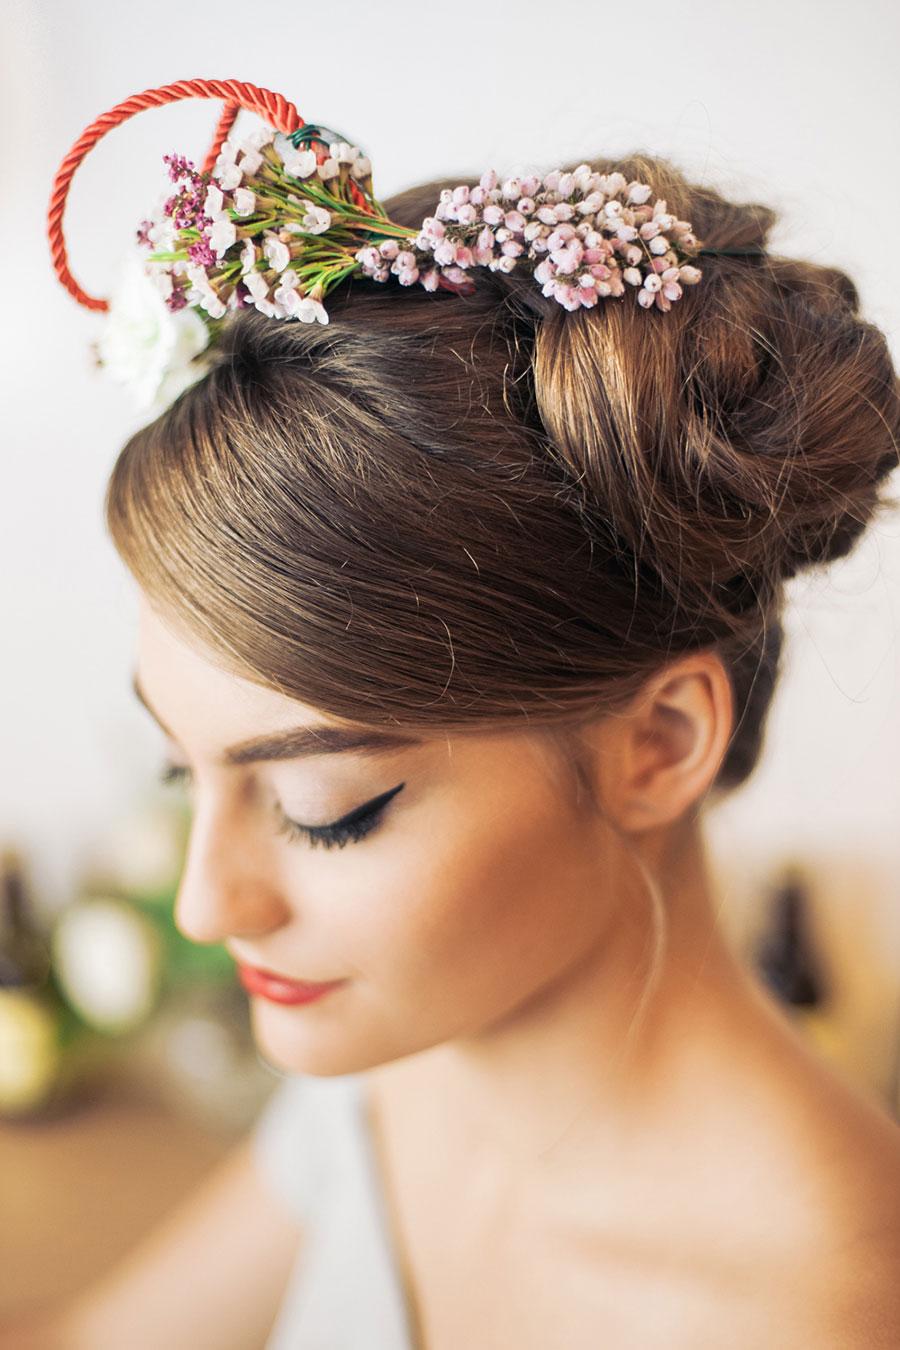 The wedding scoop flower crown d i y tutorial izmirmasajfo